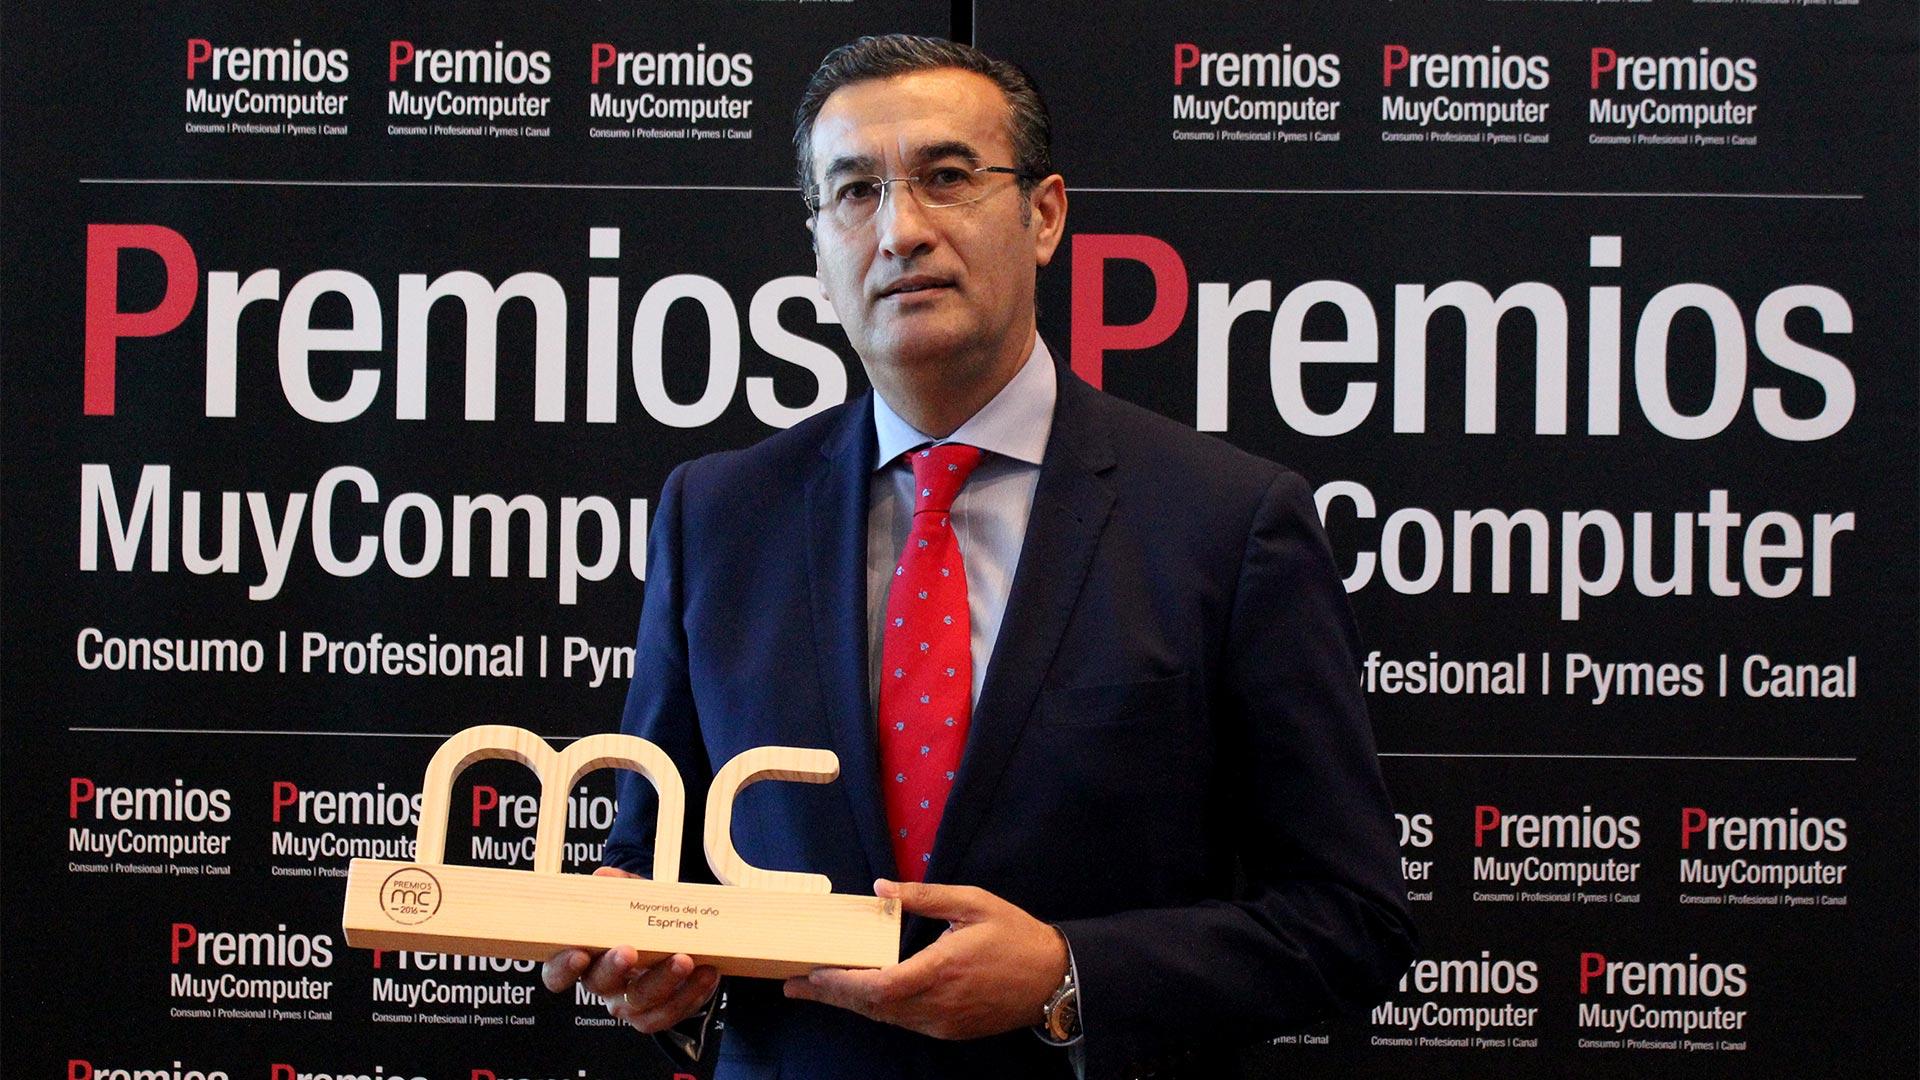 premiosmc2016-mayorista-ano-esprinet